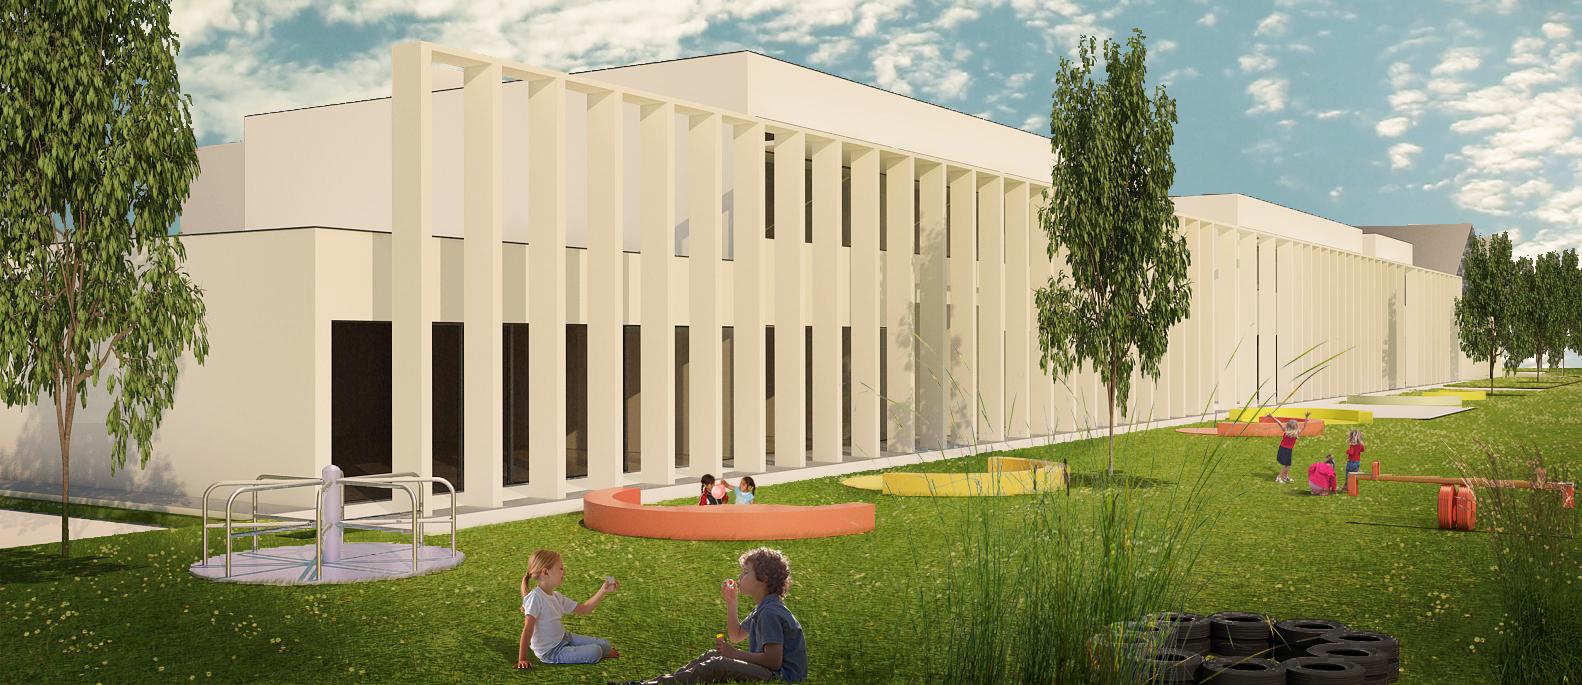 scuola primaria di viale tornio. vista del prospetto priincipoale con gli spazi gioco, il grande telaio ligneo che ha lo scopo di generare ombreggiamenti alle aule.